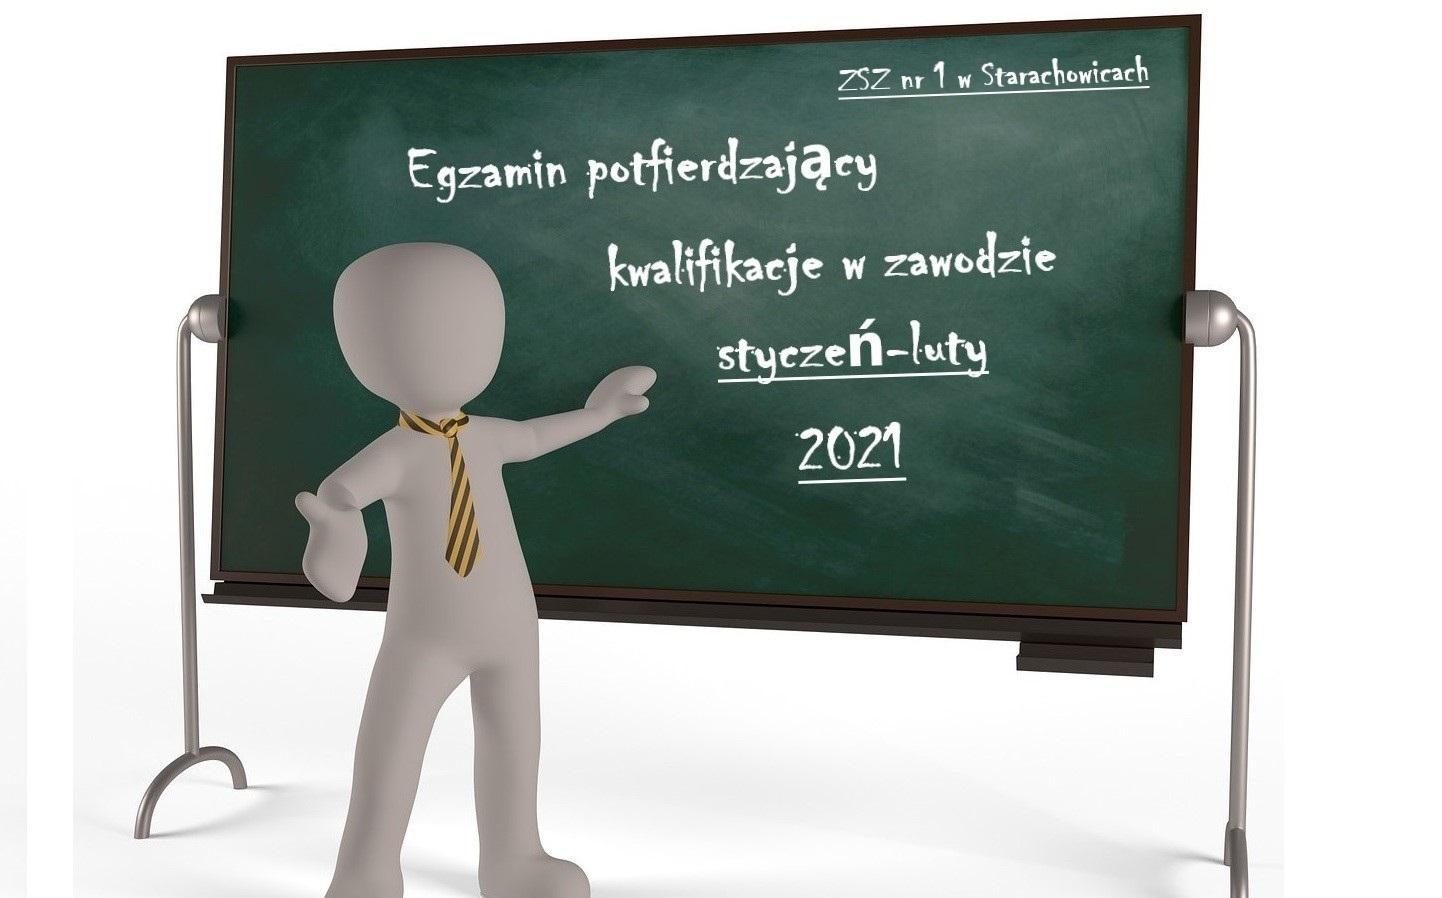 egzamin zawodowy styczeń-luty 2021